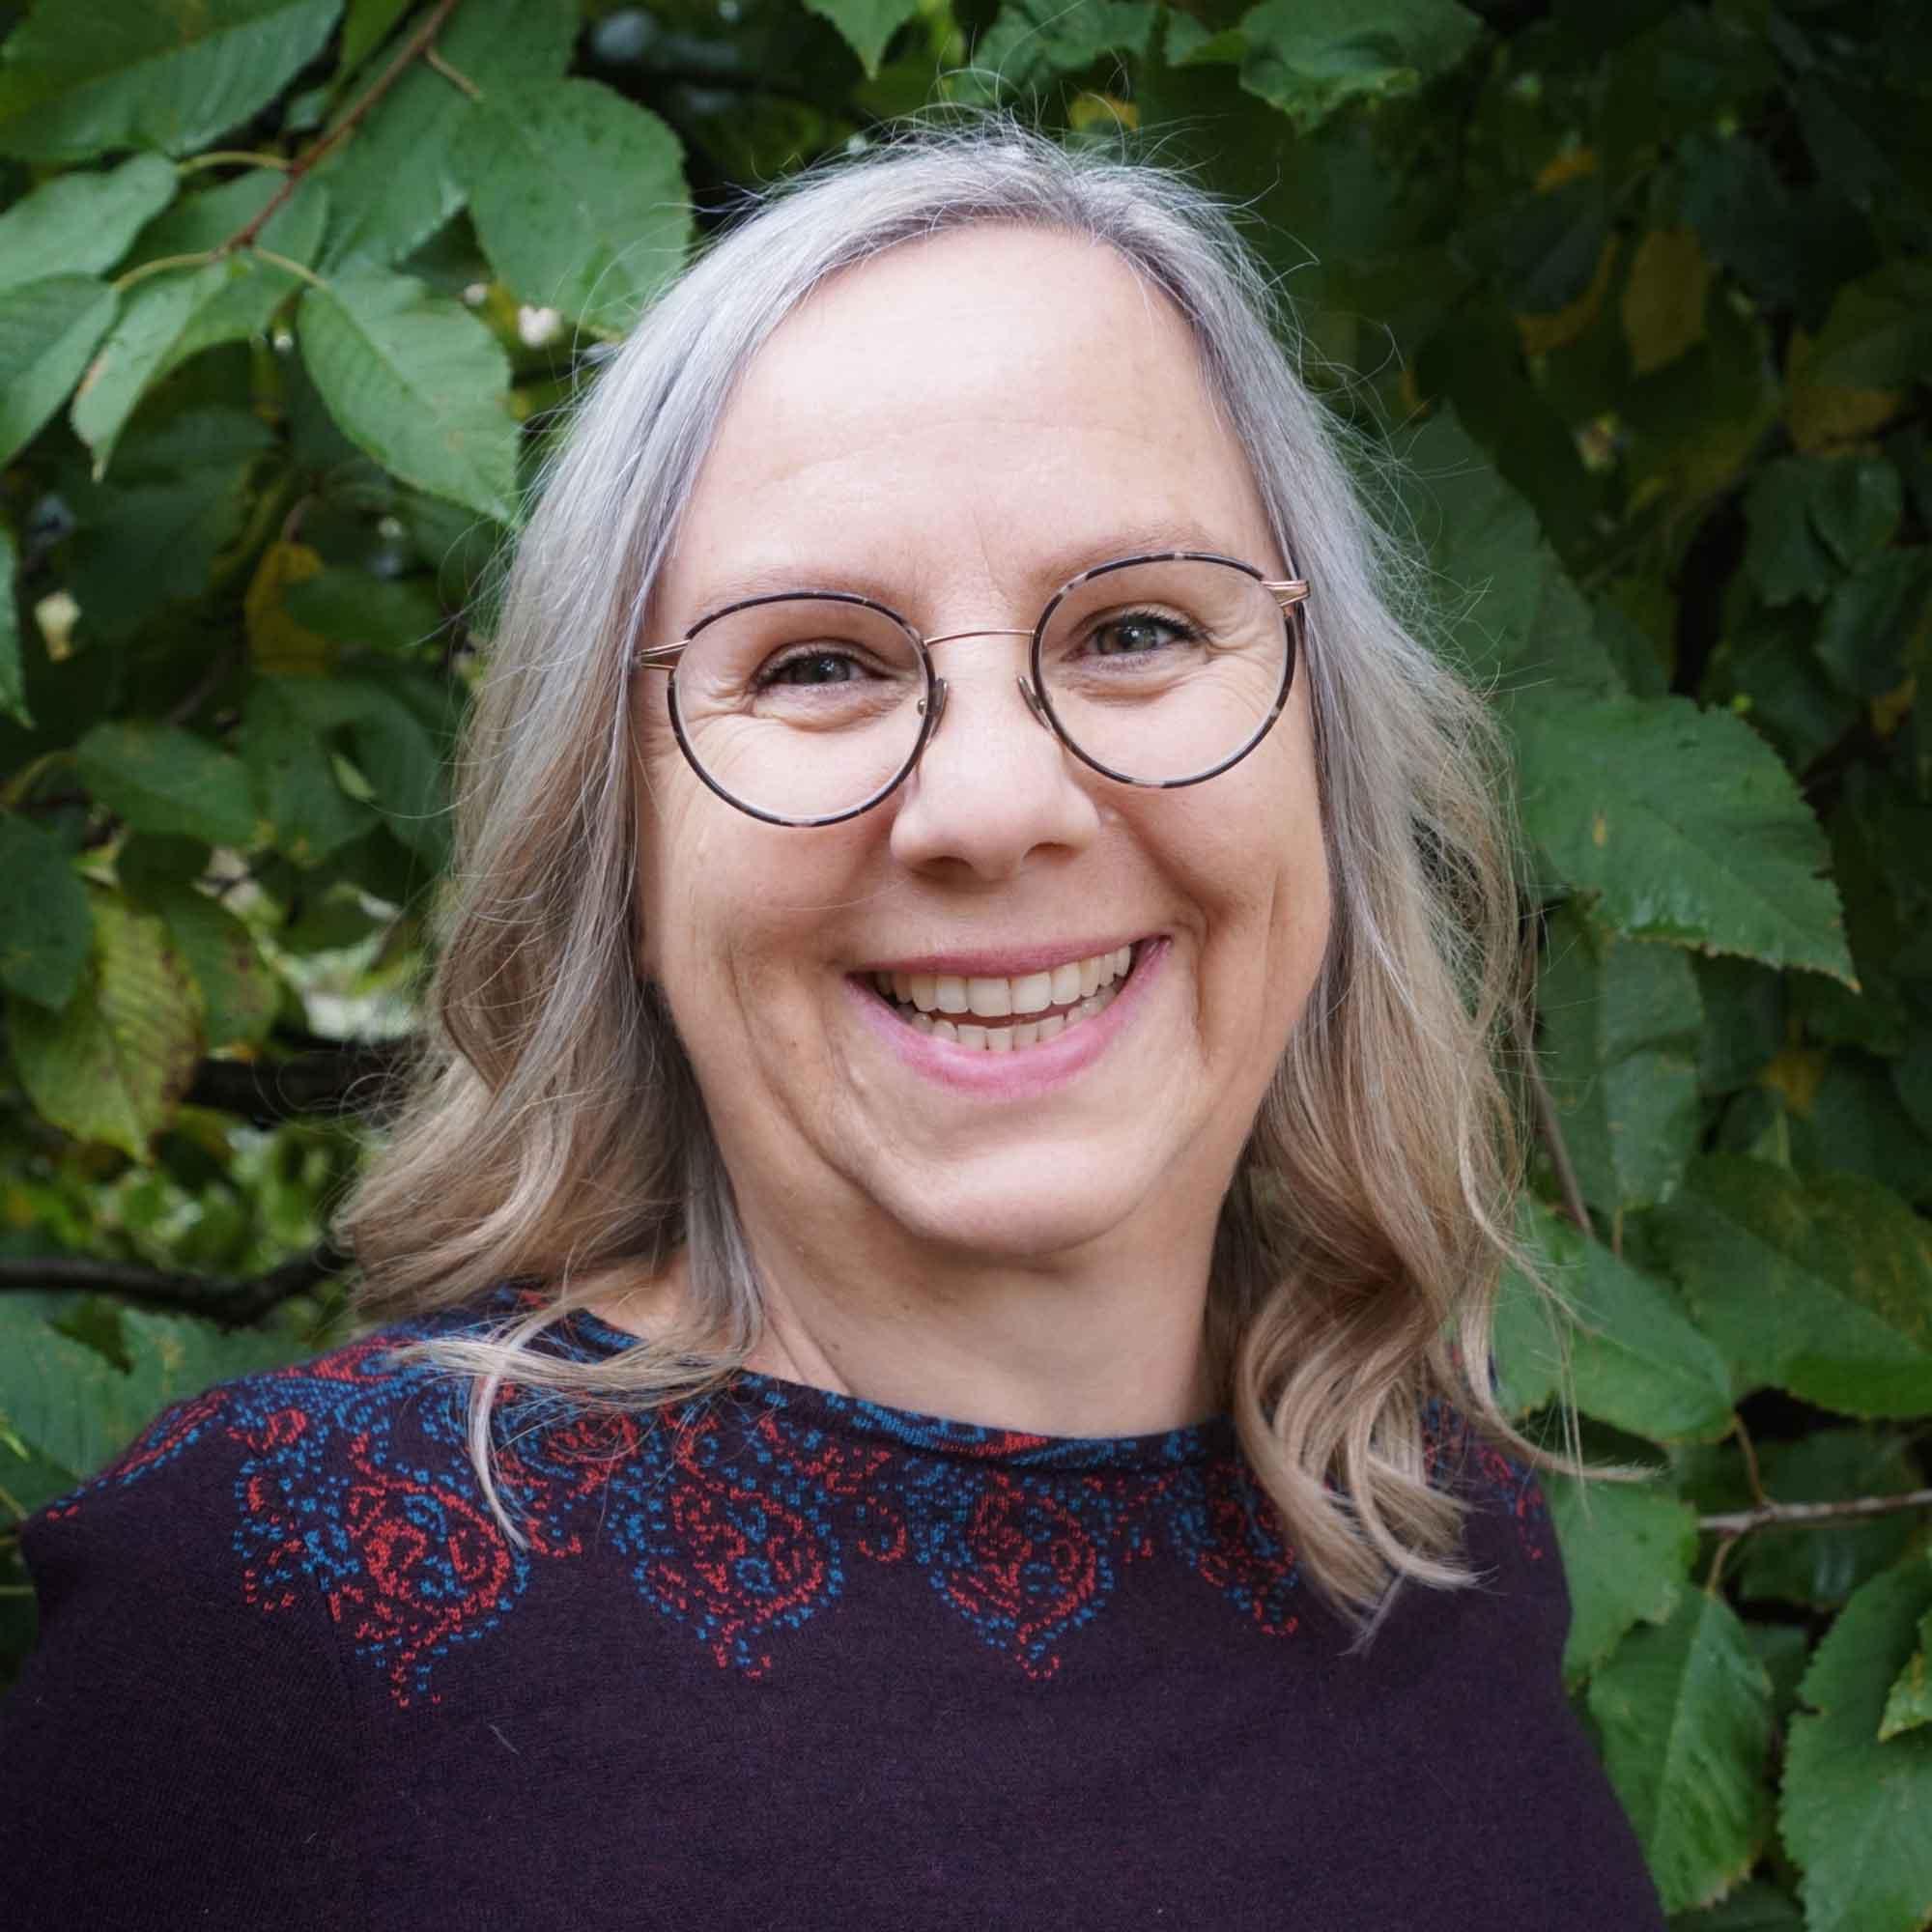 Manuela Krah - Bewegung & Begegnung